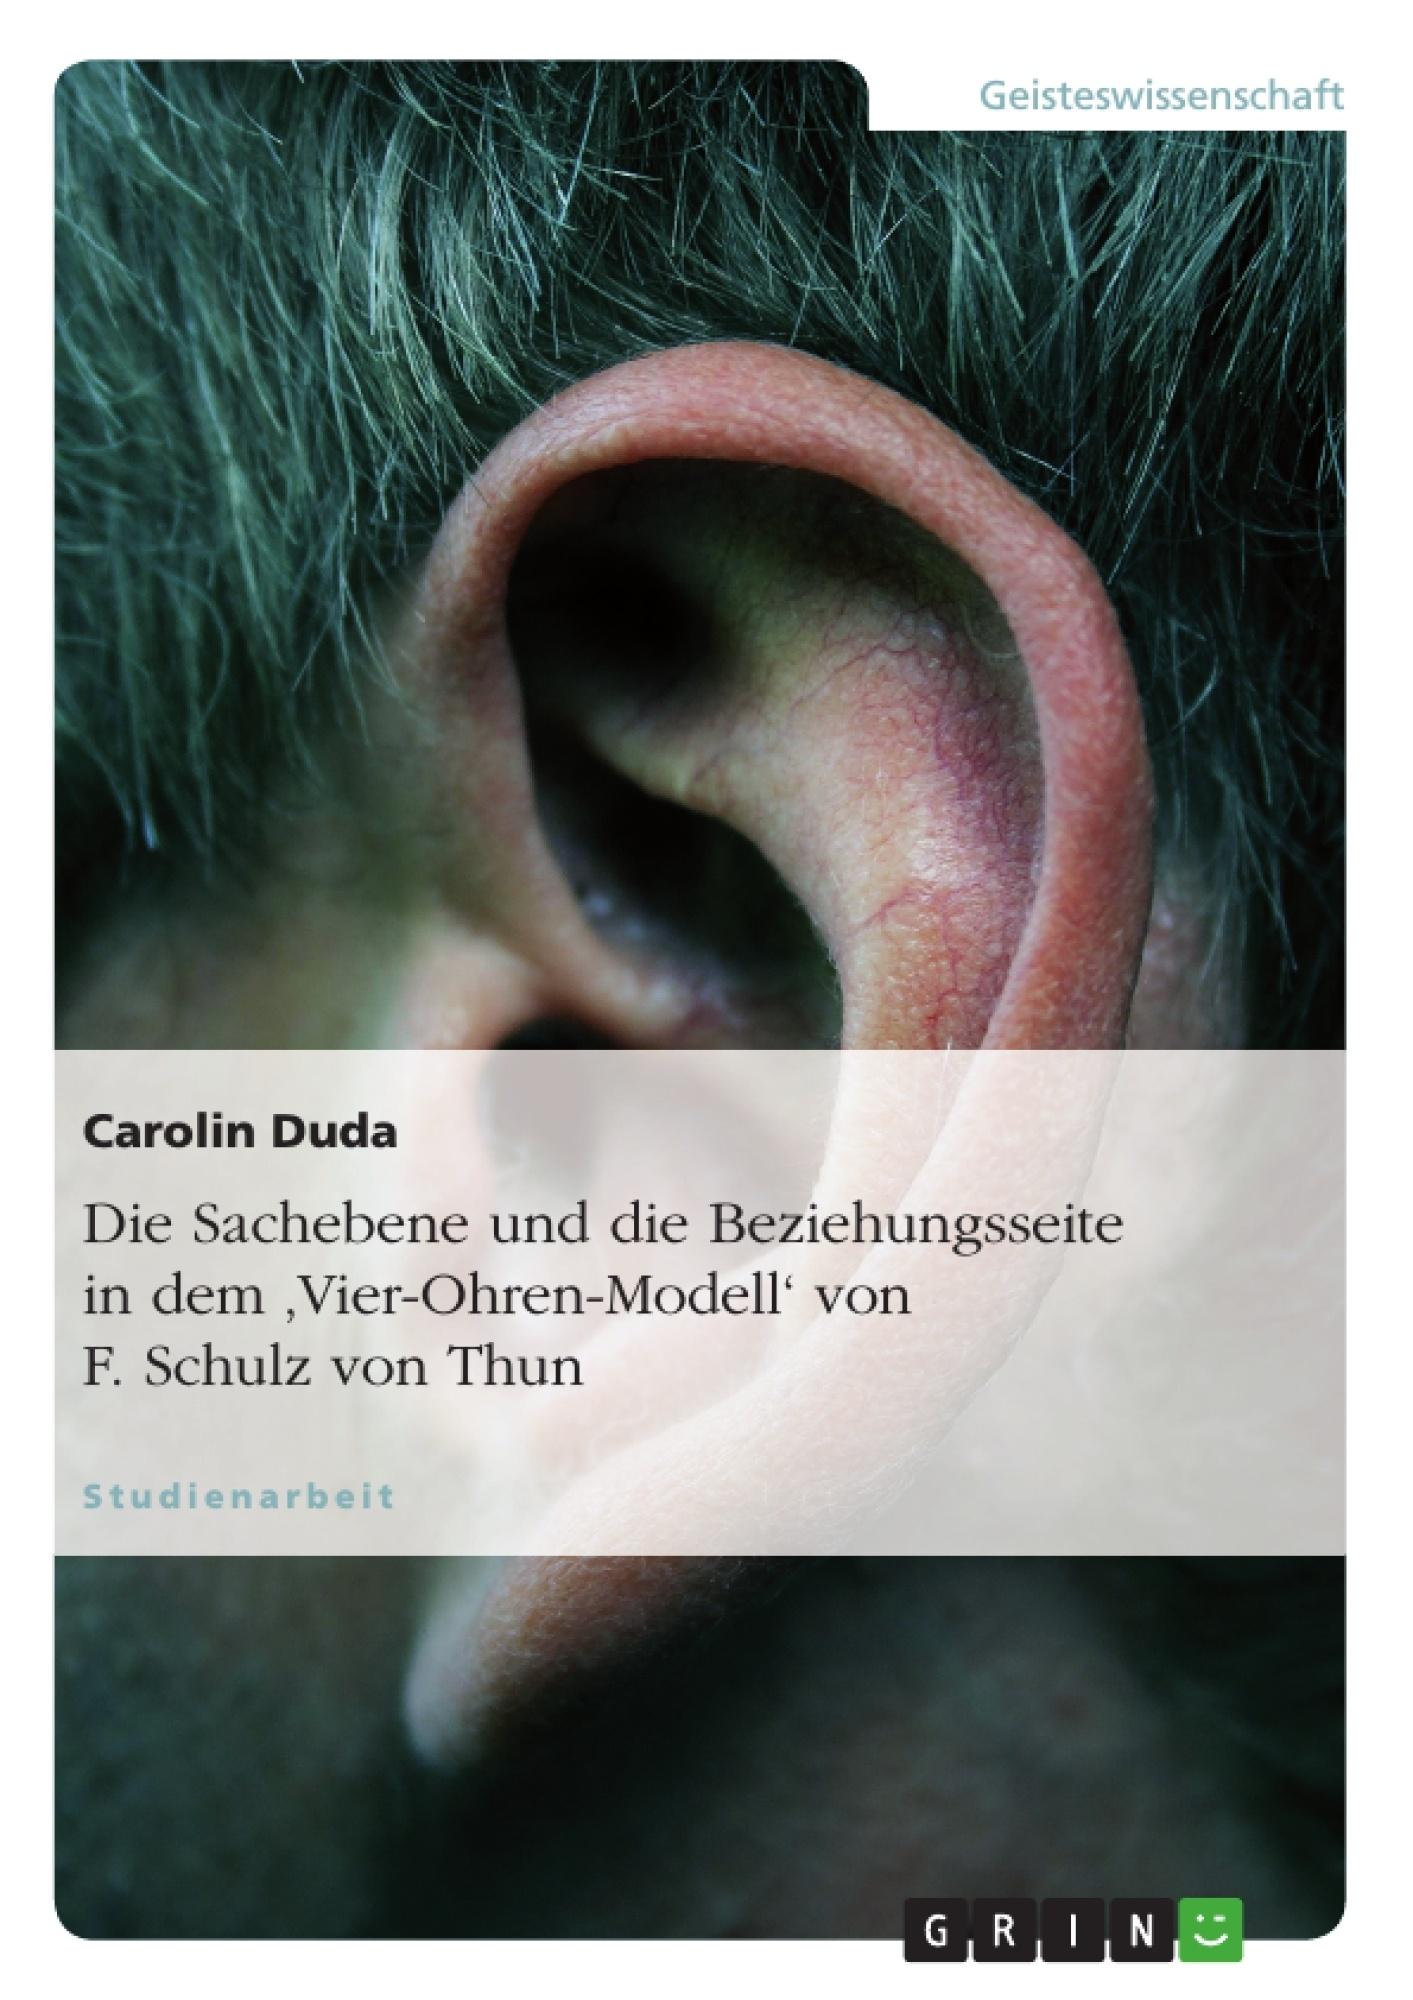 Titel: Die Sachebene und die Beziehungsseite in dem 'Vier-Ohren-Modell' von F. Schulz von Thun